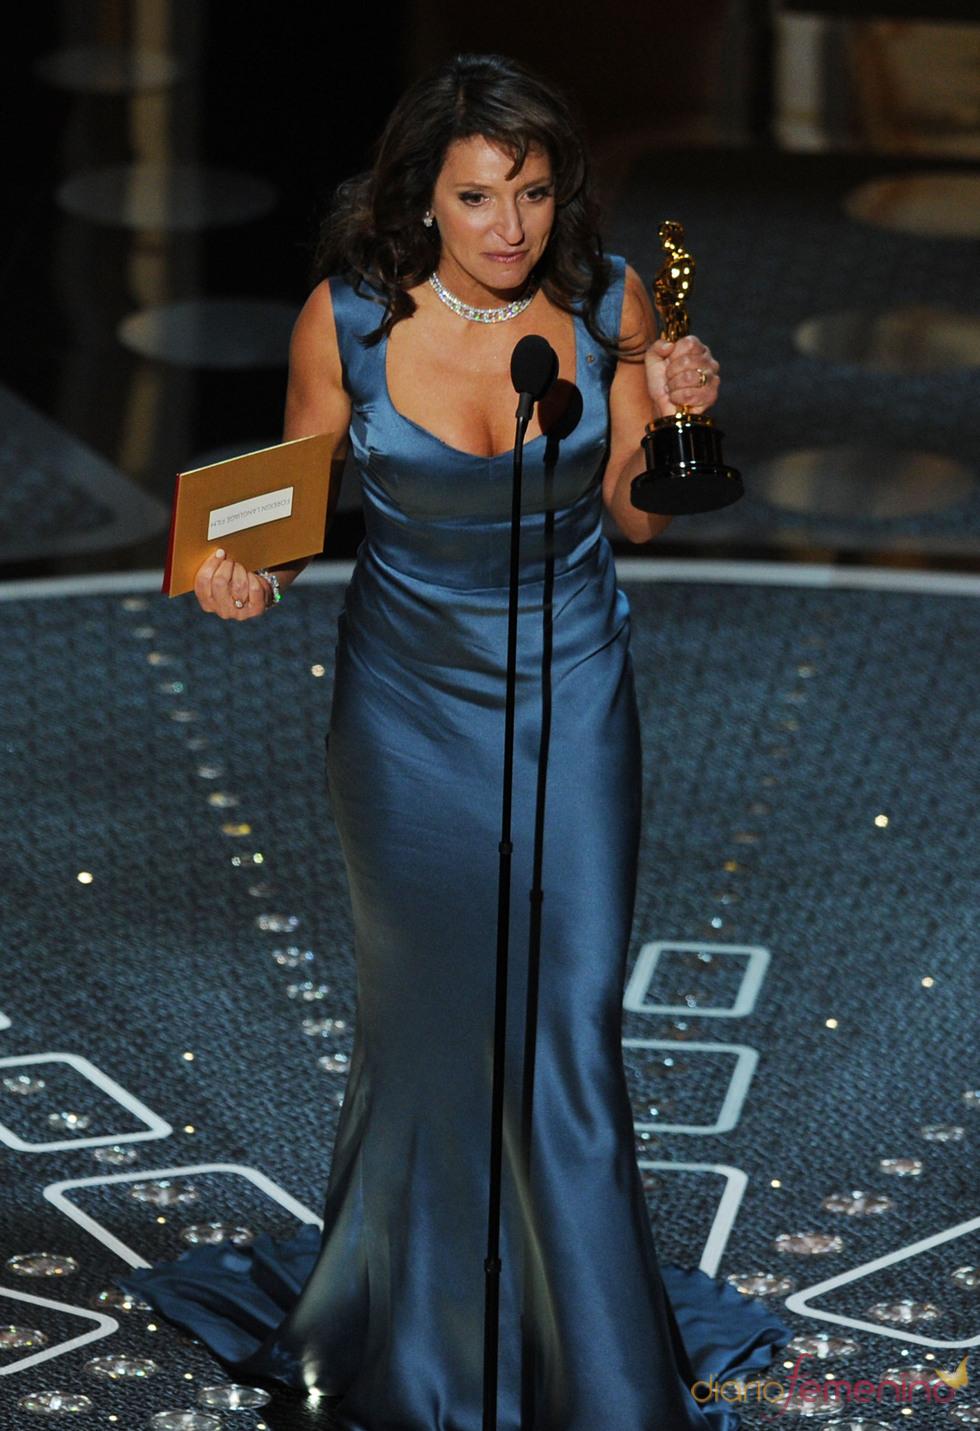 Susanne Bier, directora de 'In a better world', mejor película de habla no inglesa. Oscar 2011